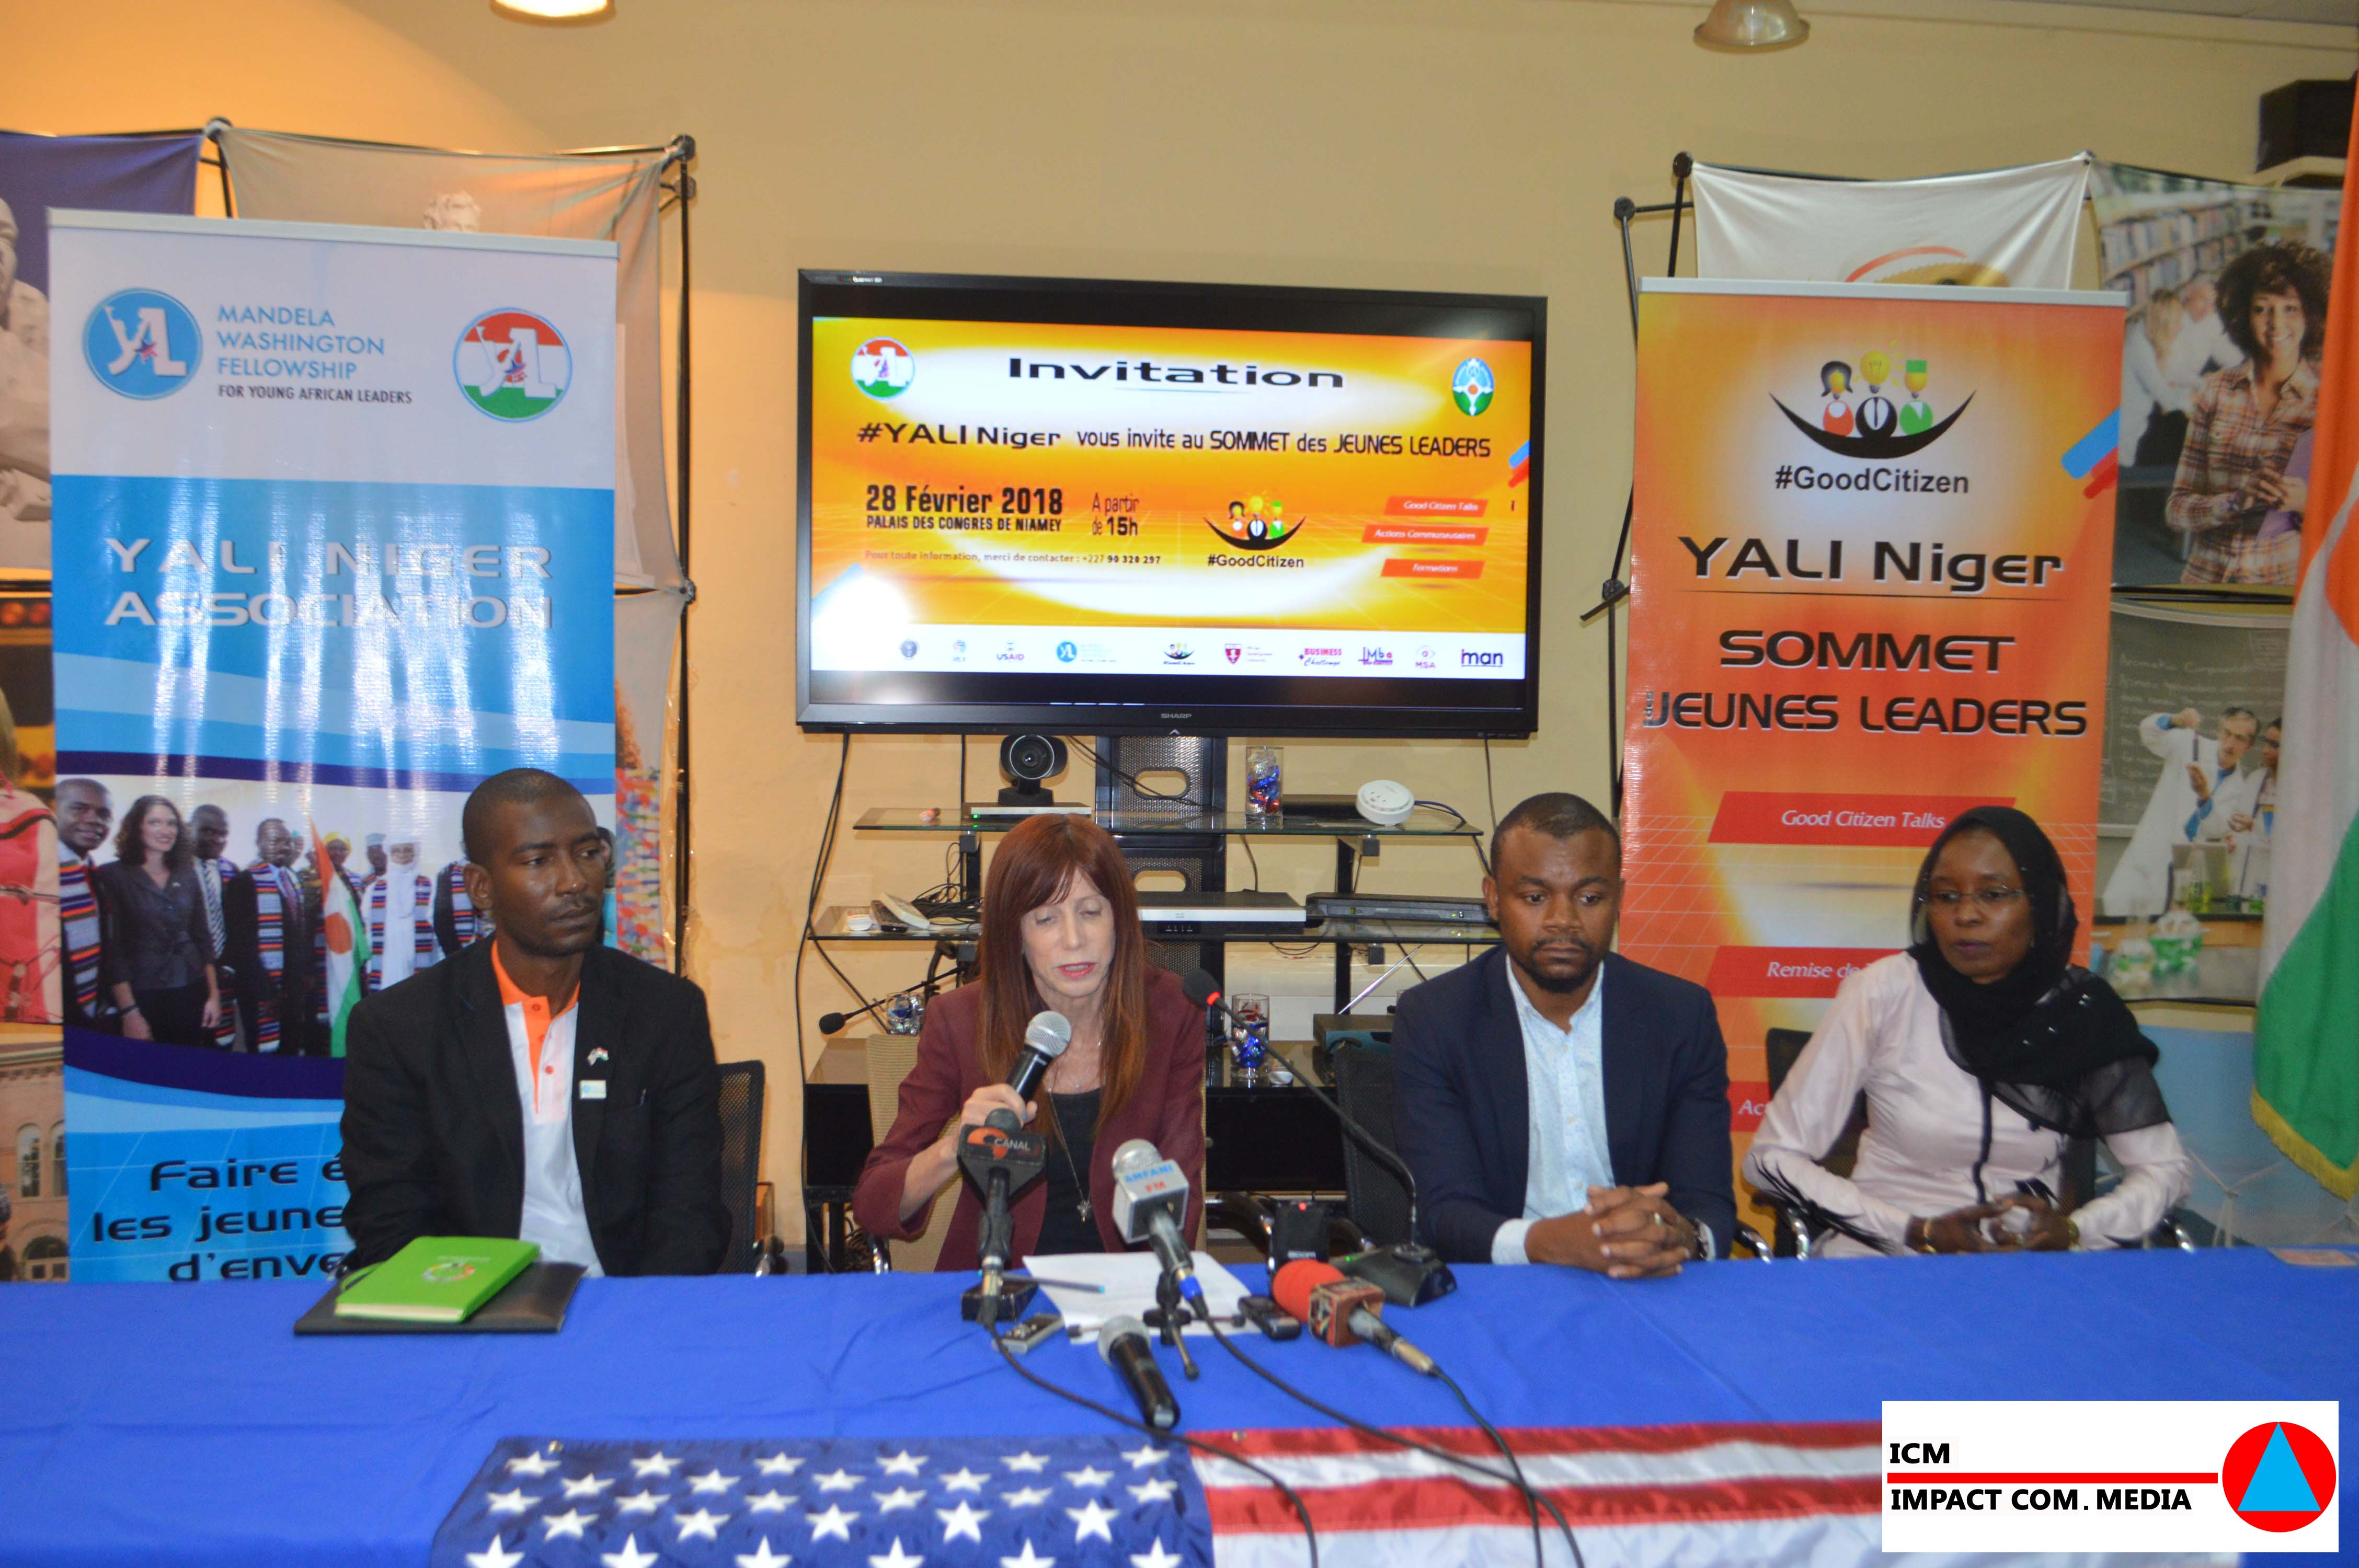 Campagne GOOD CITIZIEN : un sommet des jeunes pour marquer la fin de la campagne initiée par le Yali-Niger